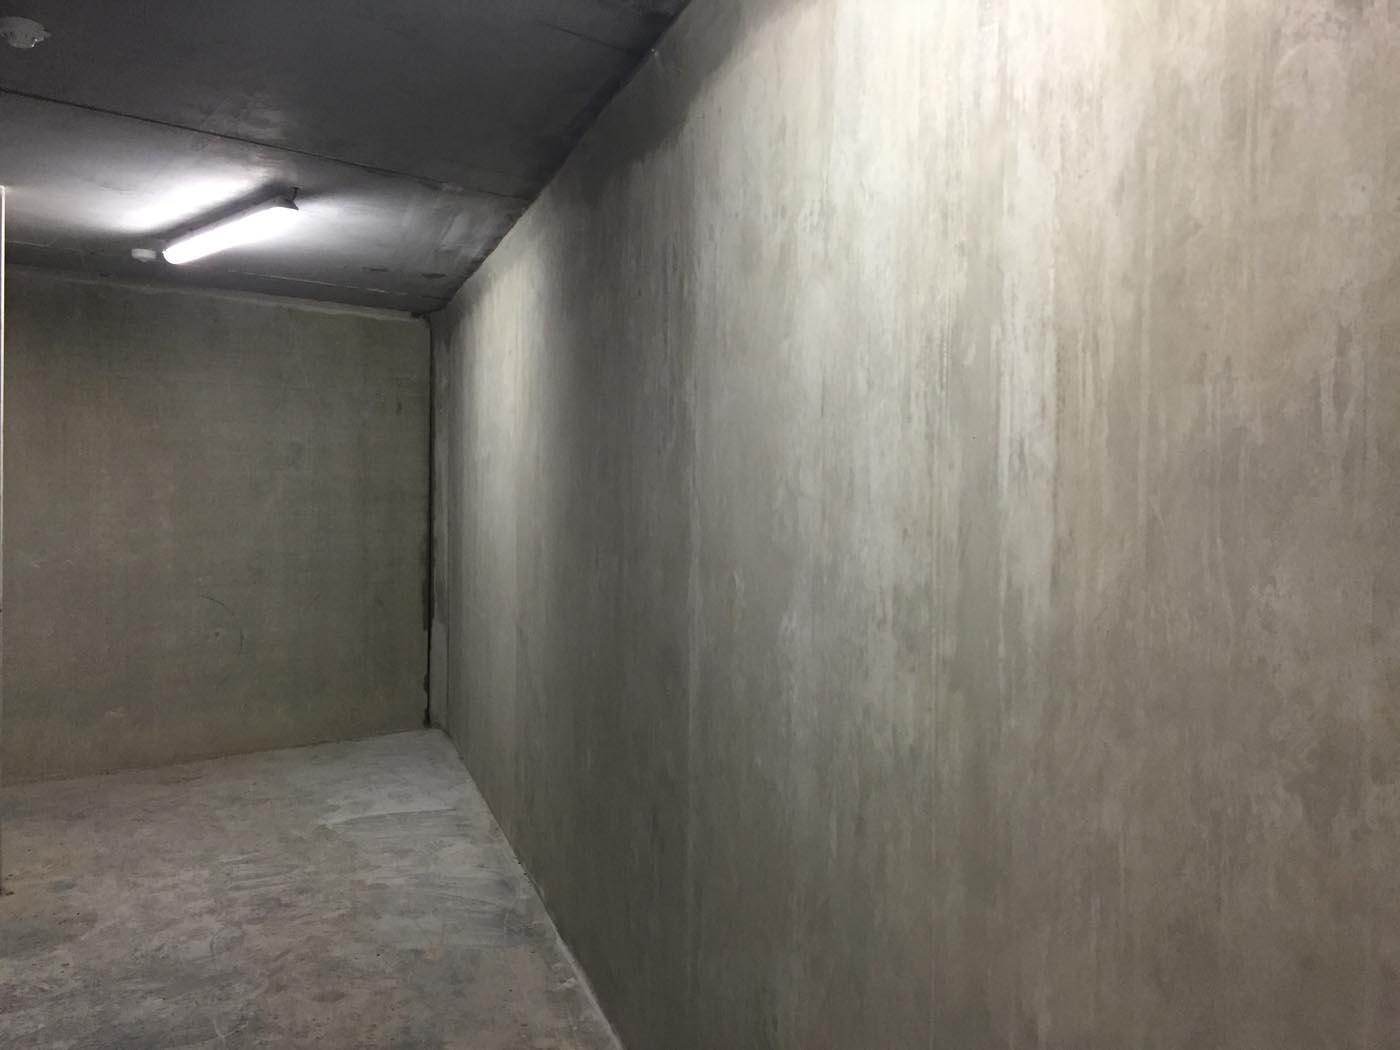 Cimentation d'un mur en béton: phase 2